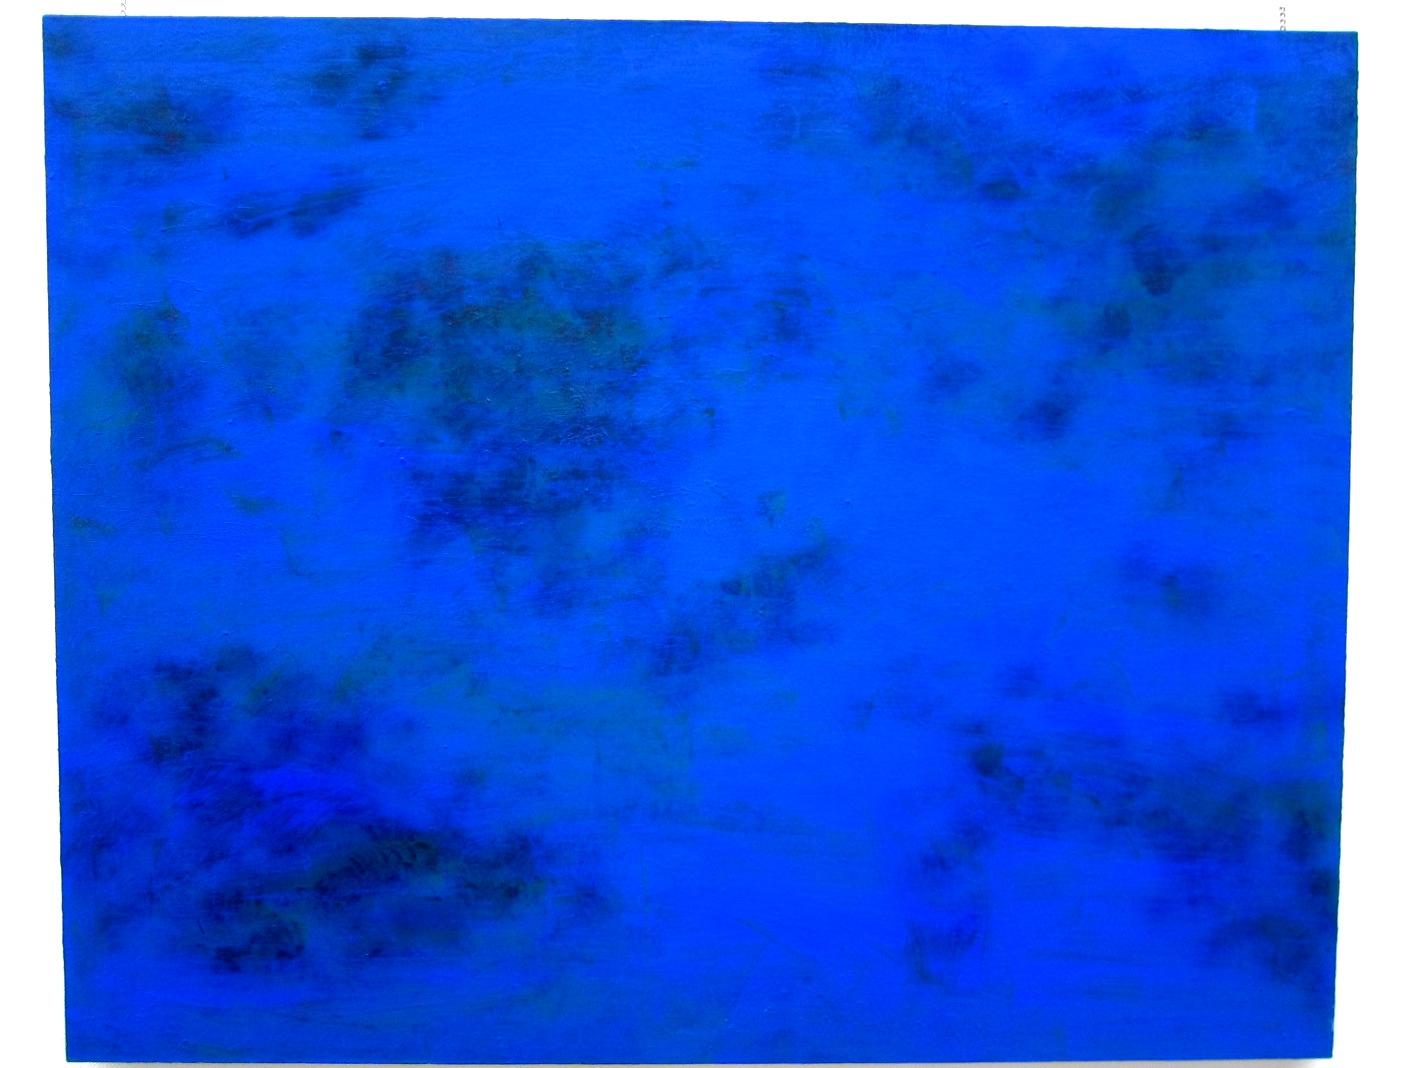 2397)②「第四一回 北海道抽象派作家協会展」 市民ギャラリー 終了/4月15日(火)~4月20日(日)_f0126829_1155374.jpg